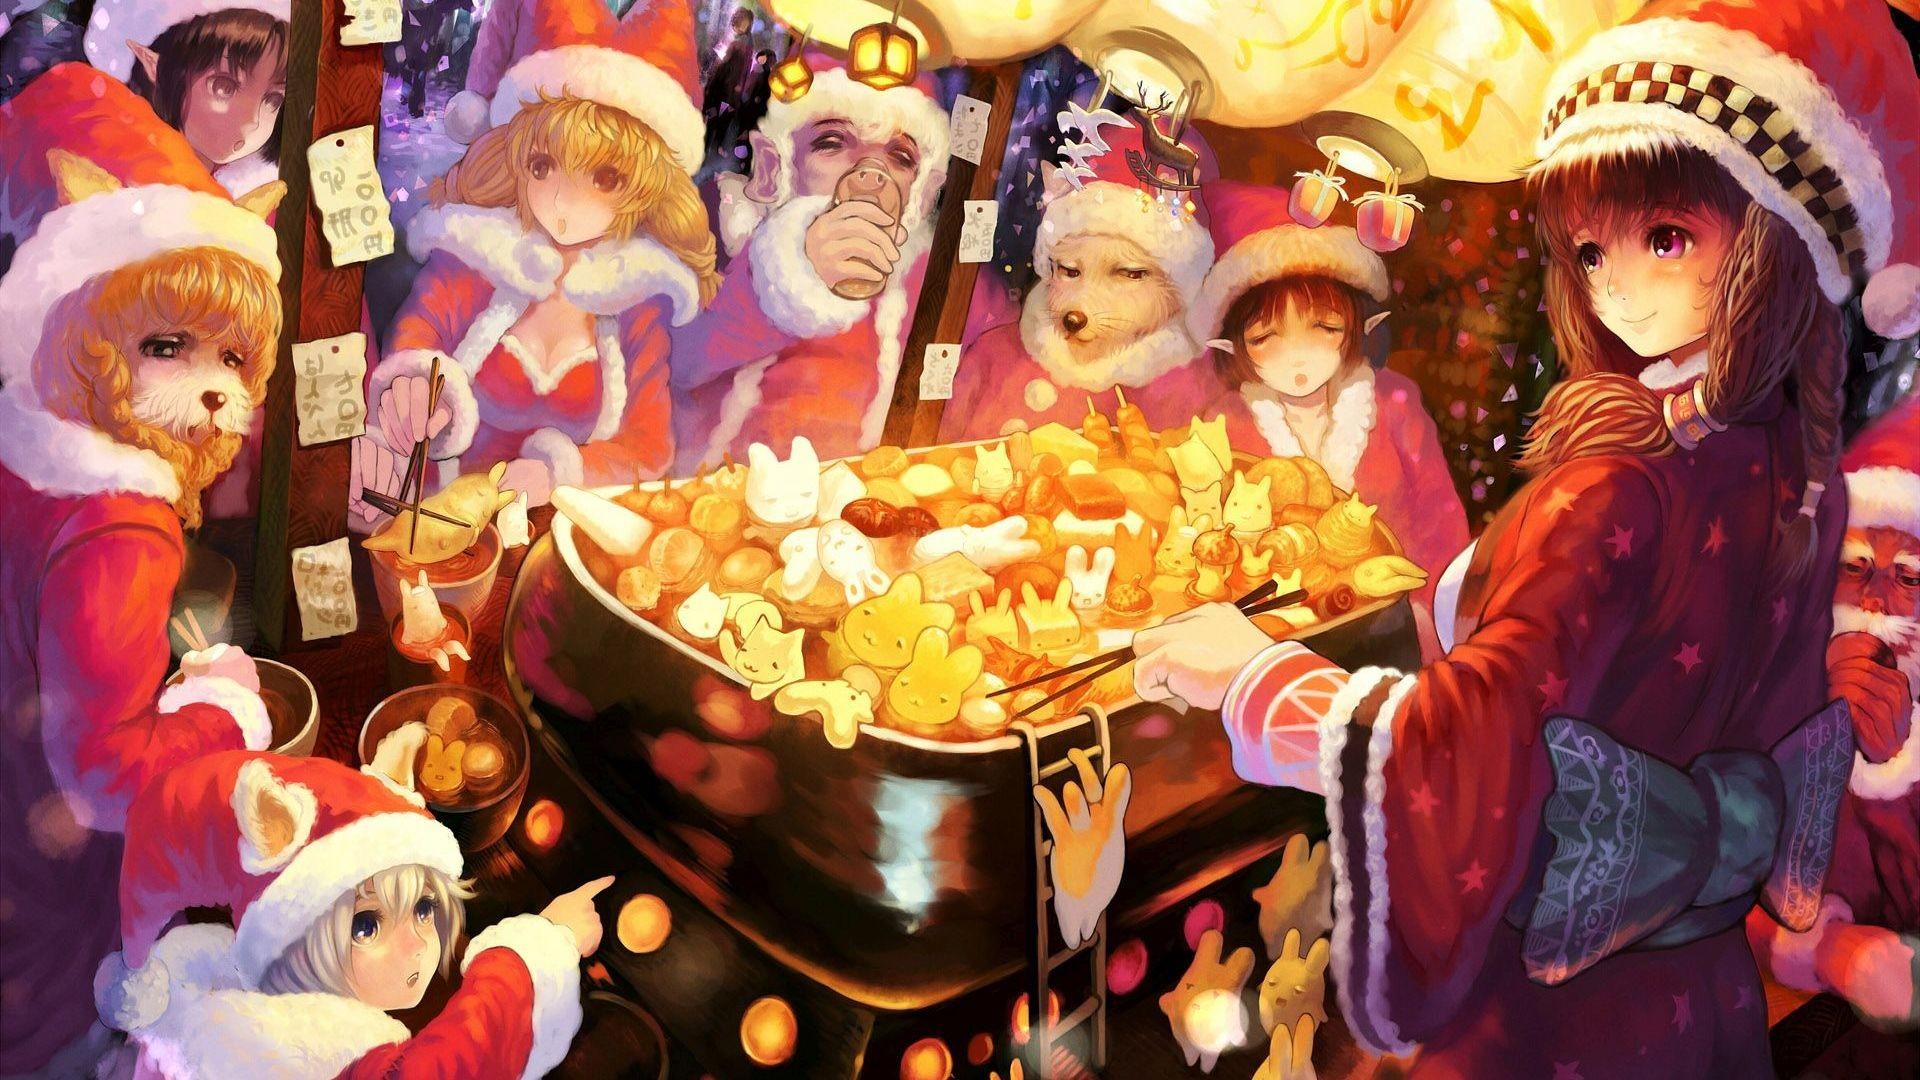 Anime christmas wallpaper hd 70 images - Anime merry christmas wallpaper ...